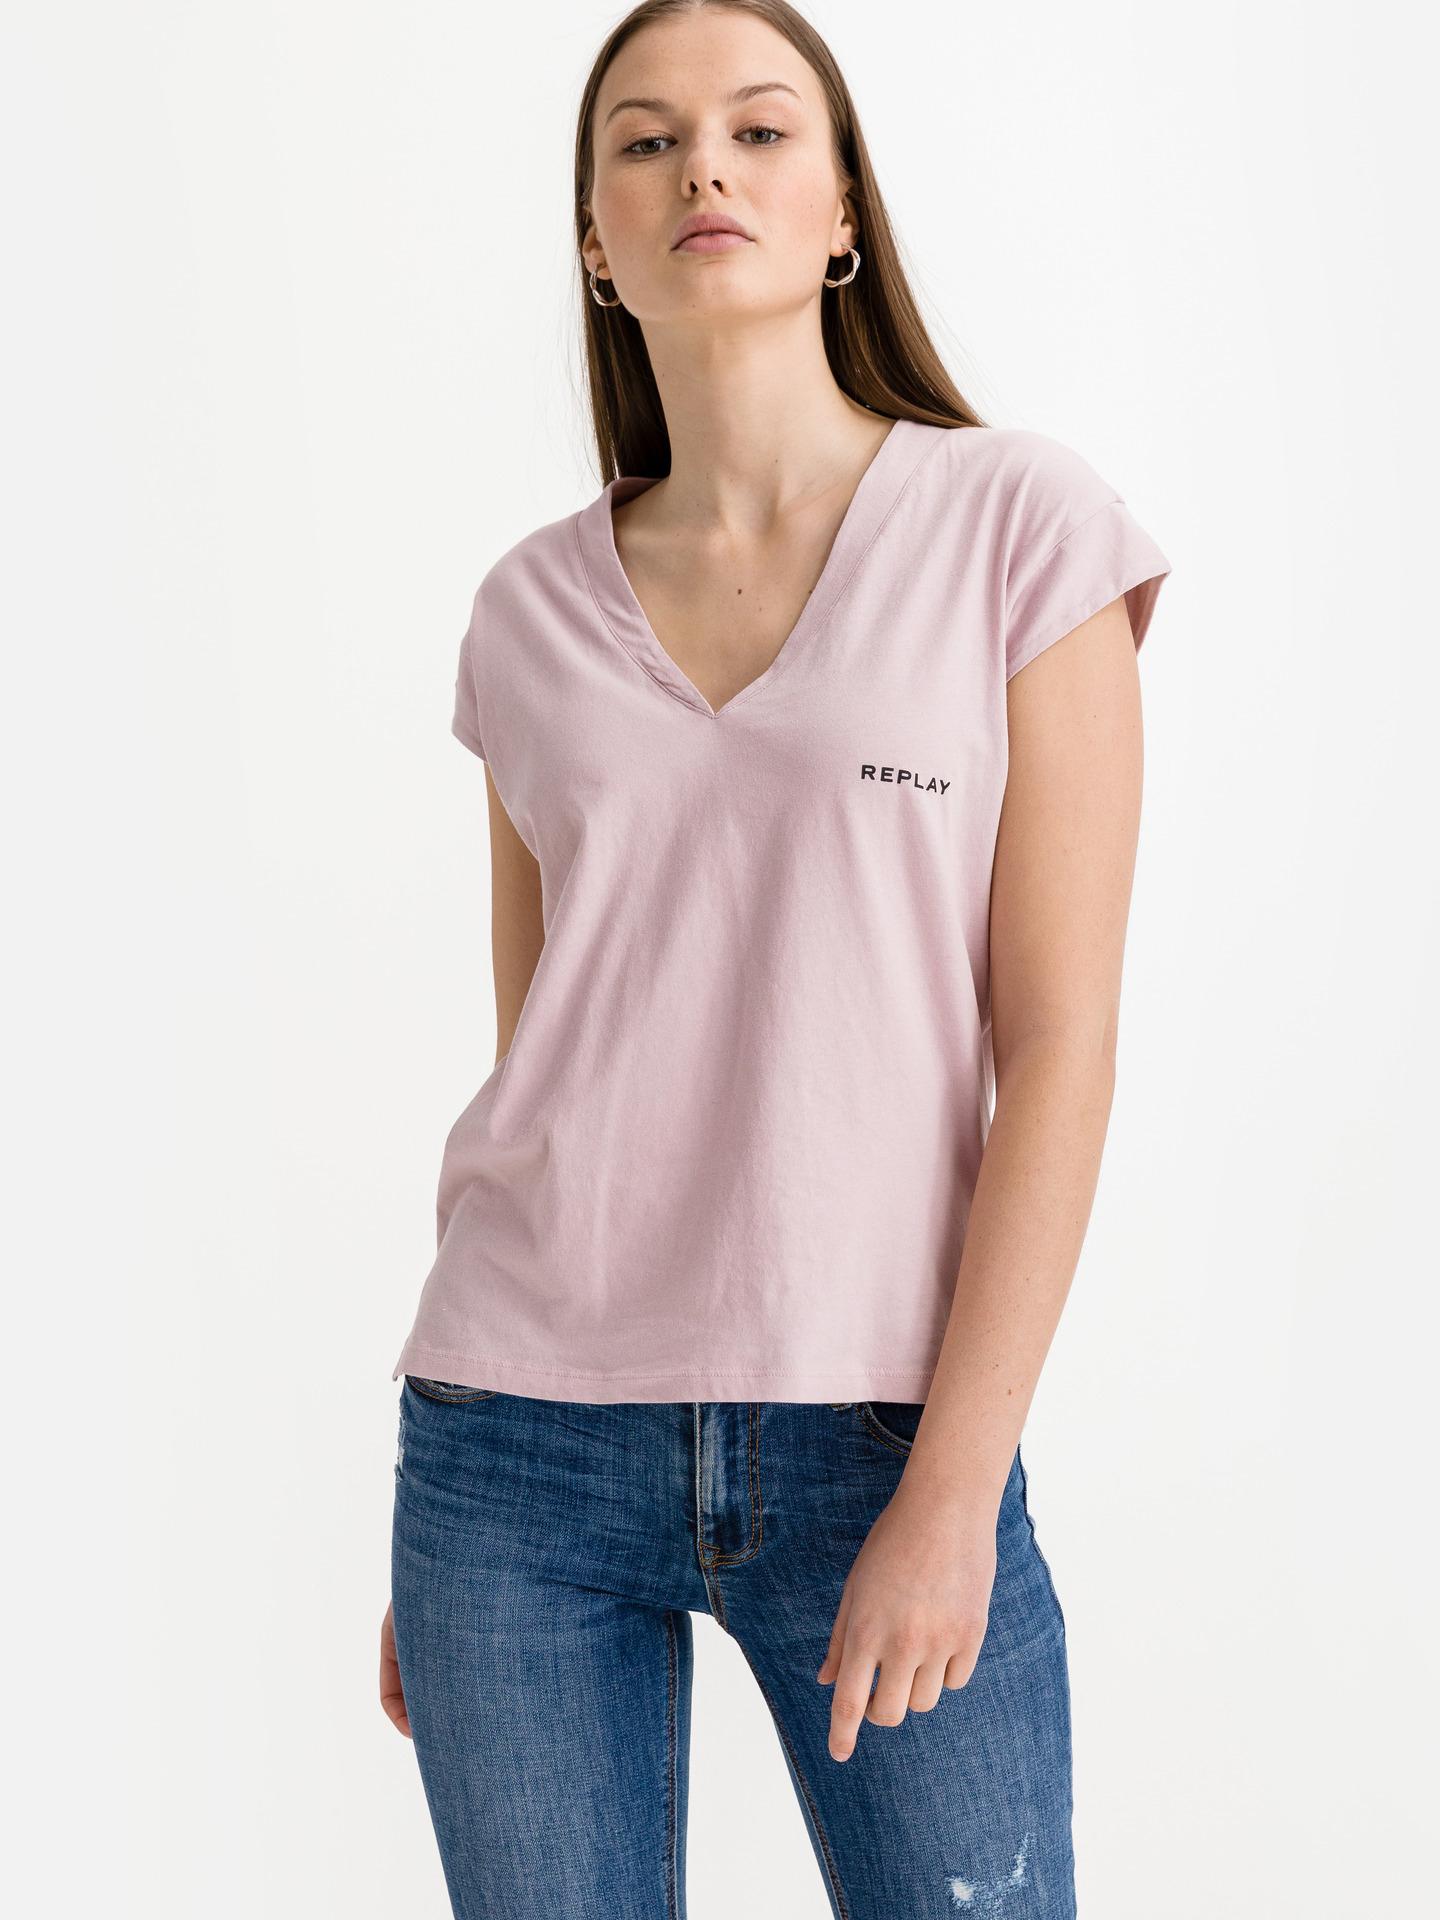 Replay Koszulka damska różowy